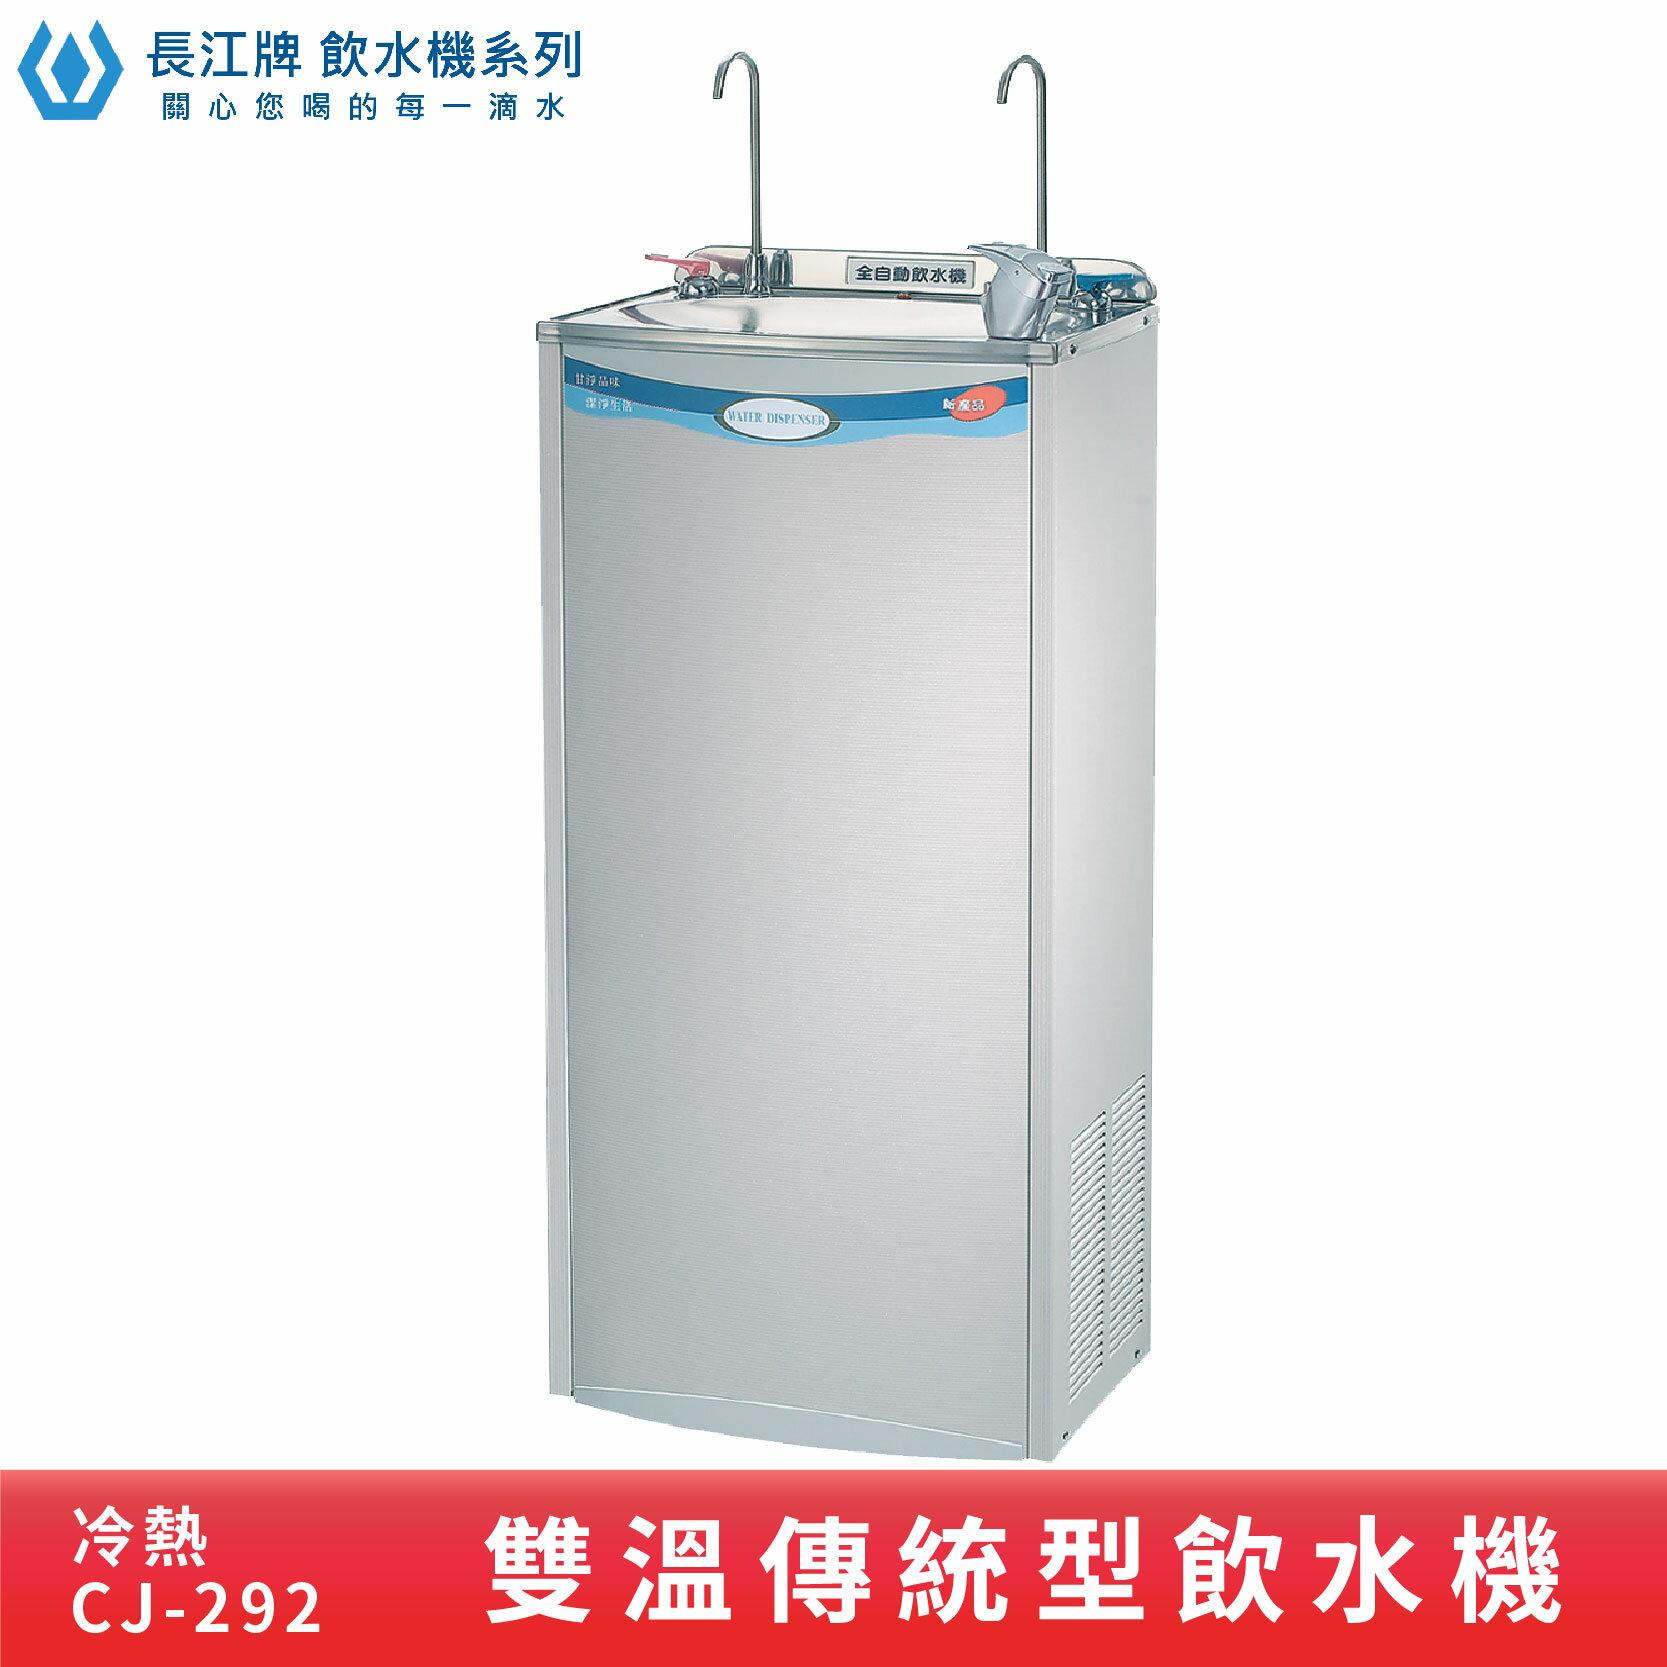 【專業好水】長江牌 CJ-292 參溫飲水機 冷熱 立地型飲水機 學校 公司 茶水間 公共設施 台灣製造 二道過濾器